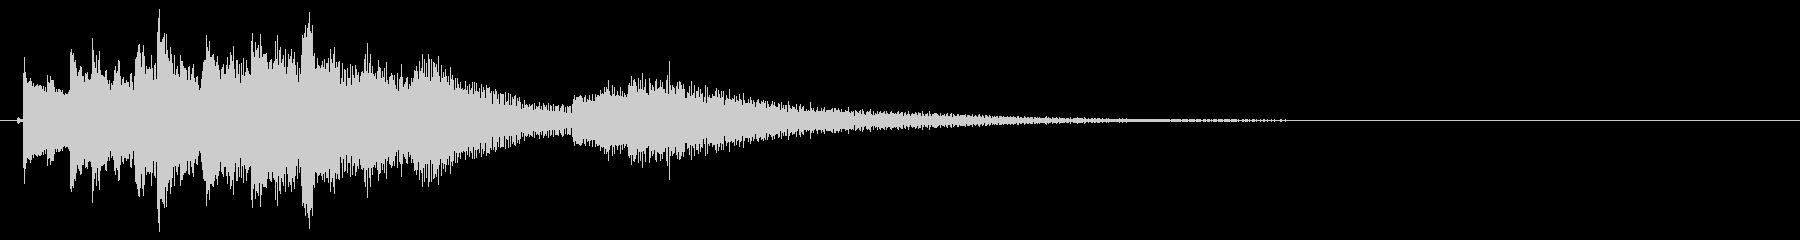 琴のフレーズ4☆調律2☆リバーブ有の未再生の波形